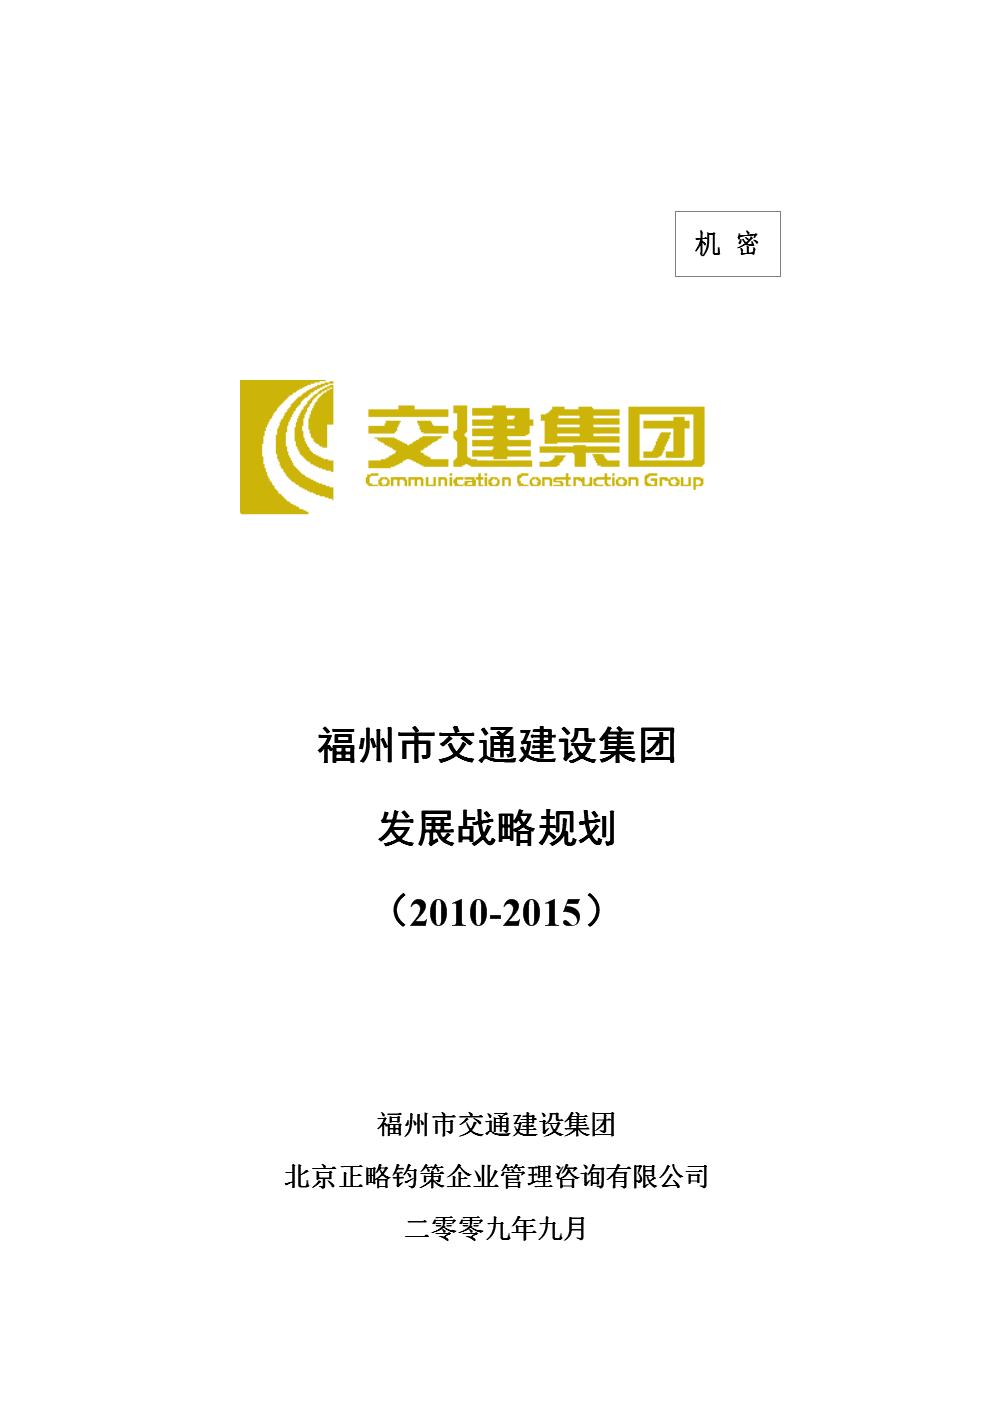 FZJJ集团发展战略规划教案分析.doc